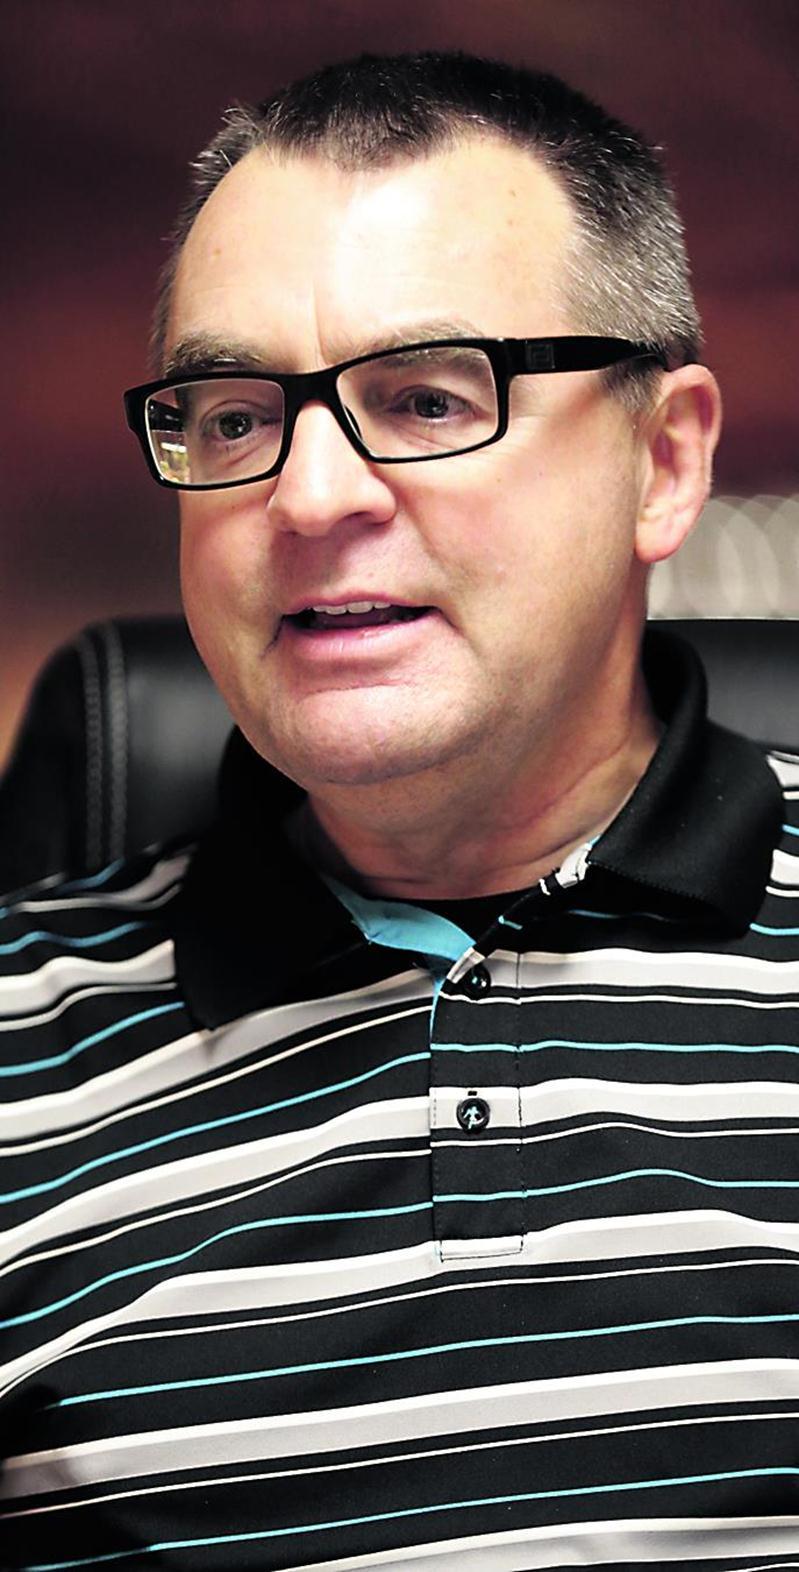 Guy Jodoin est propriétaire de deux épiceries IGA situées dans les quartiers Douville et La Providence à Saint-Hyacinthe. Photo Robert Gosselin | Le Courrier ©